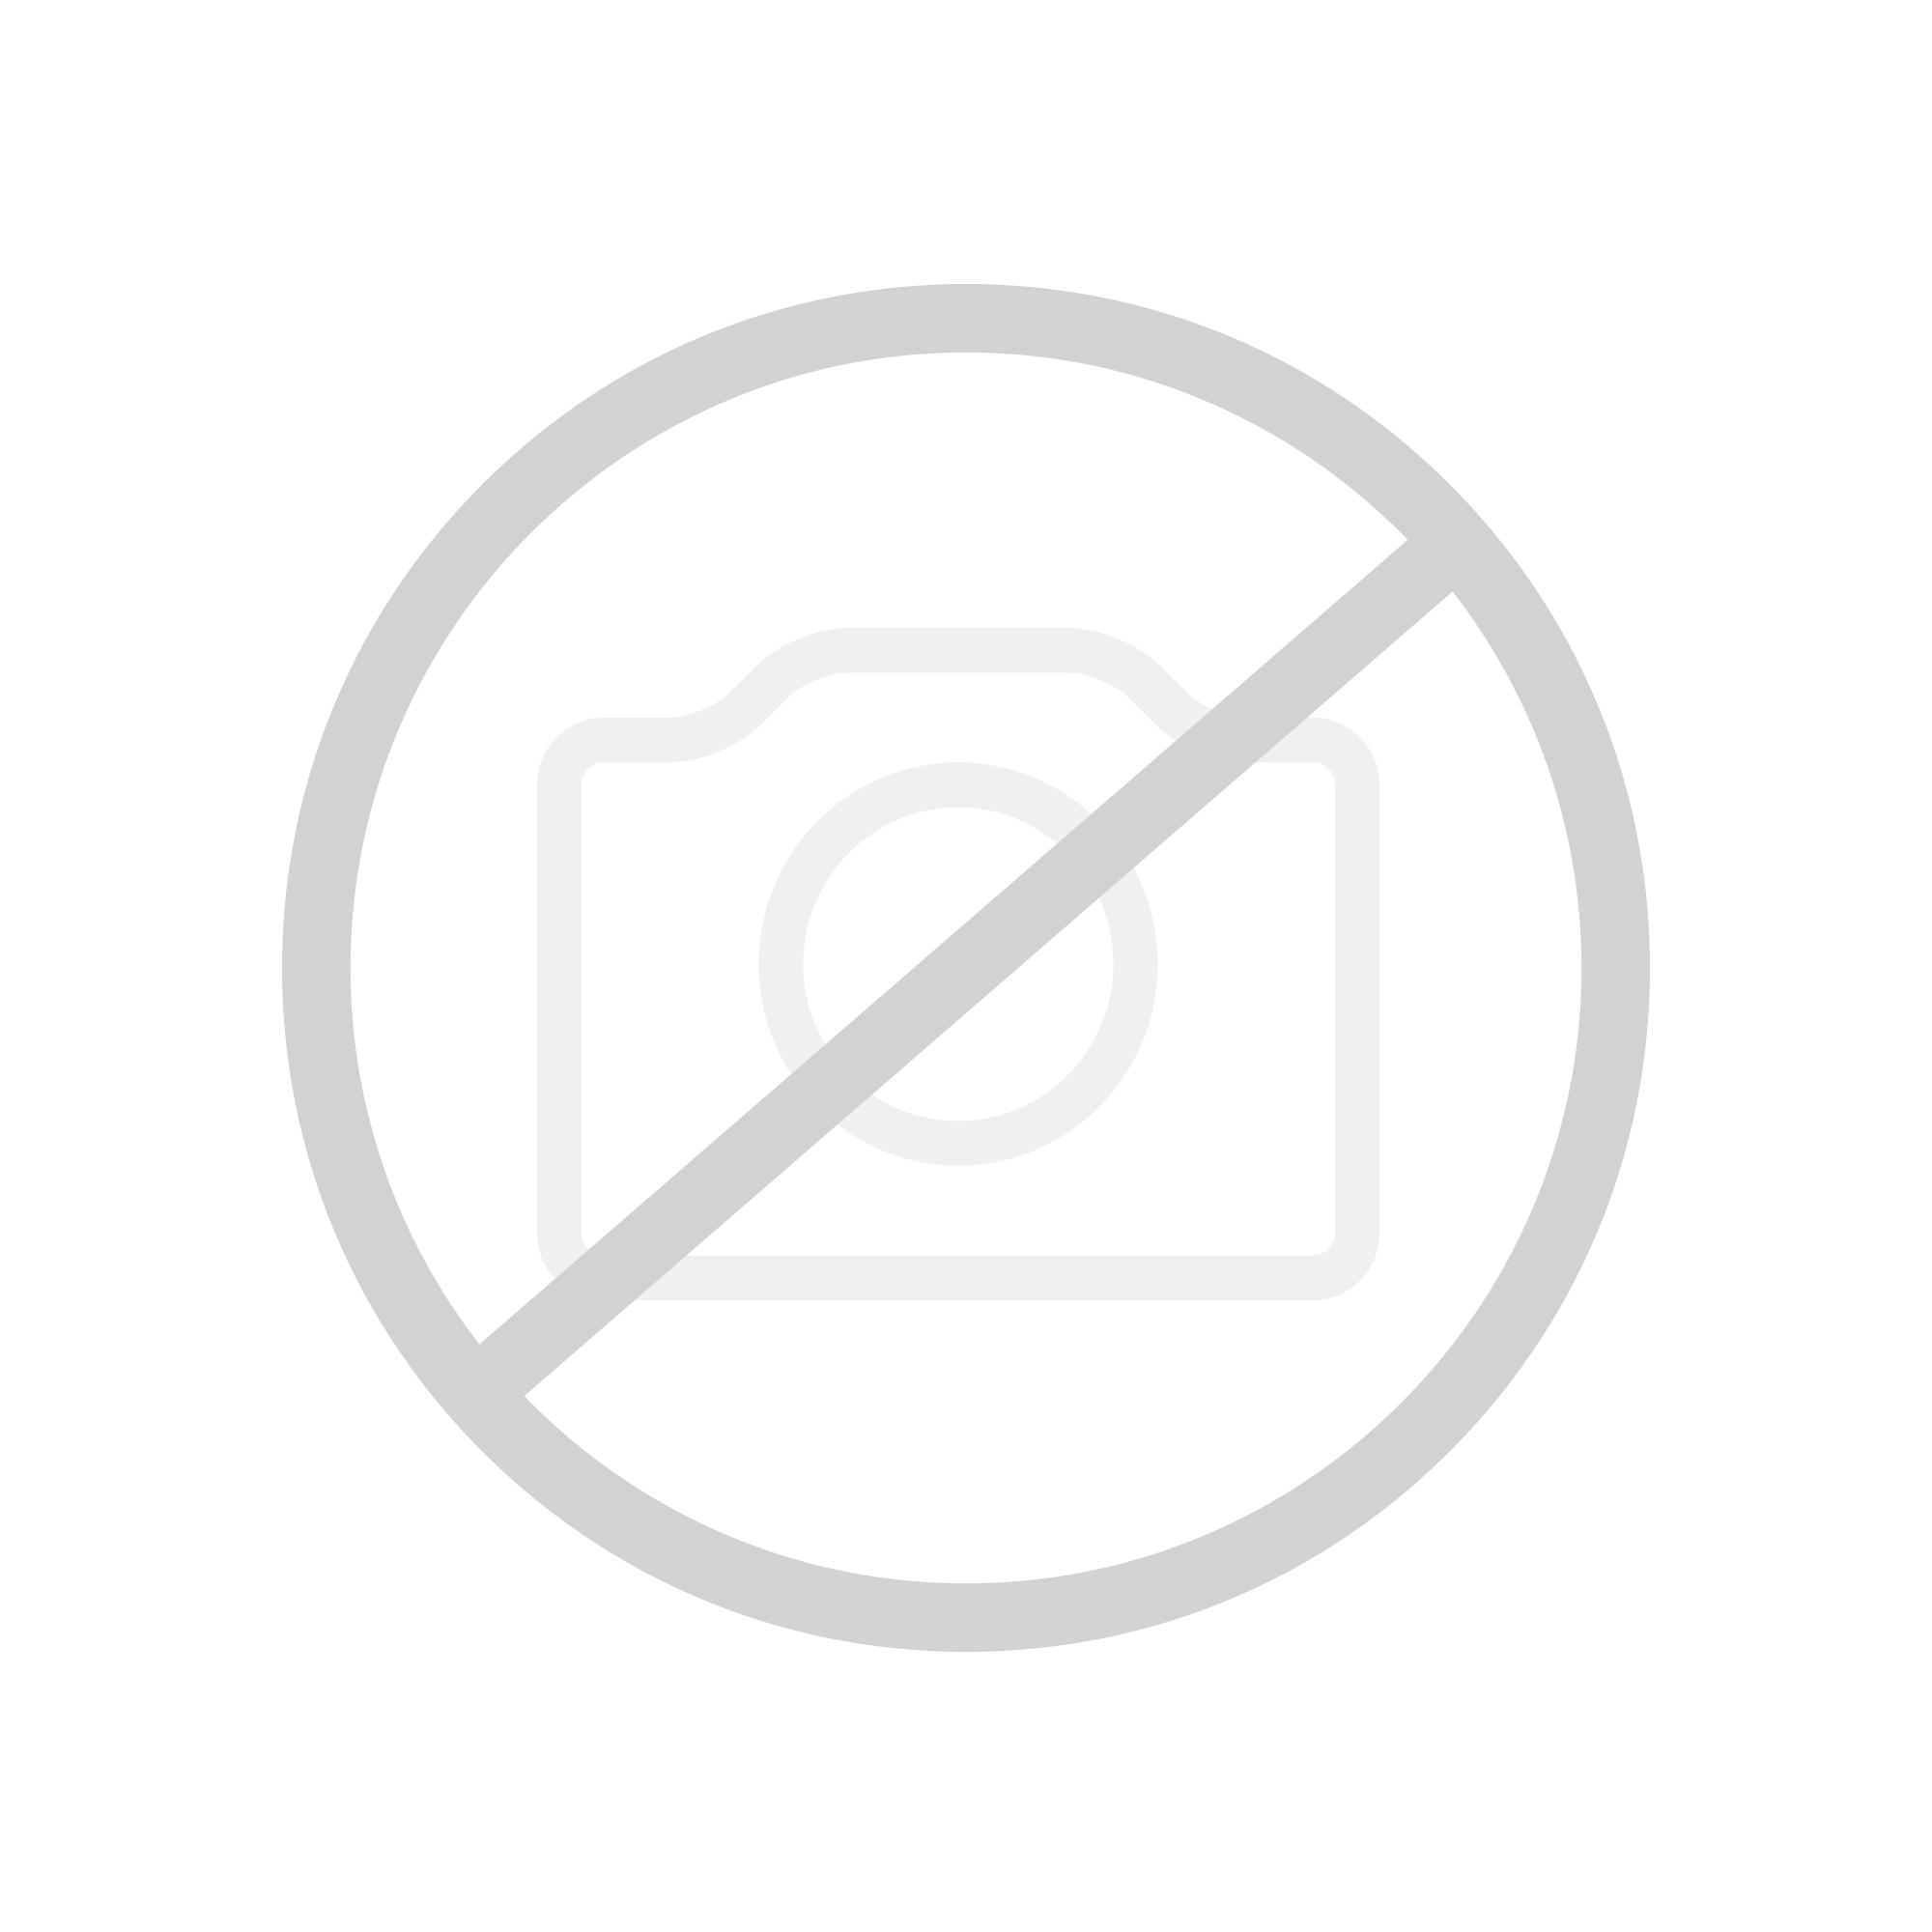 scarabeo ersatzteil f r bucket waschbecken handtuchhalter 30 cm 8805 reuter onlineshop. Black Bedroom Furniture Sets. Home Design Ideas